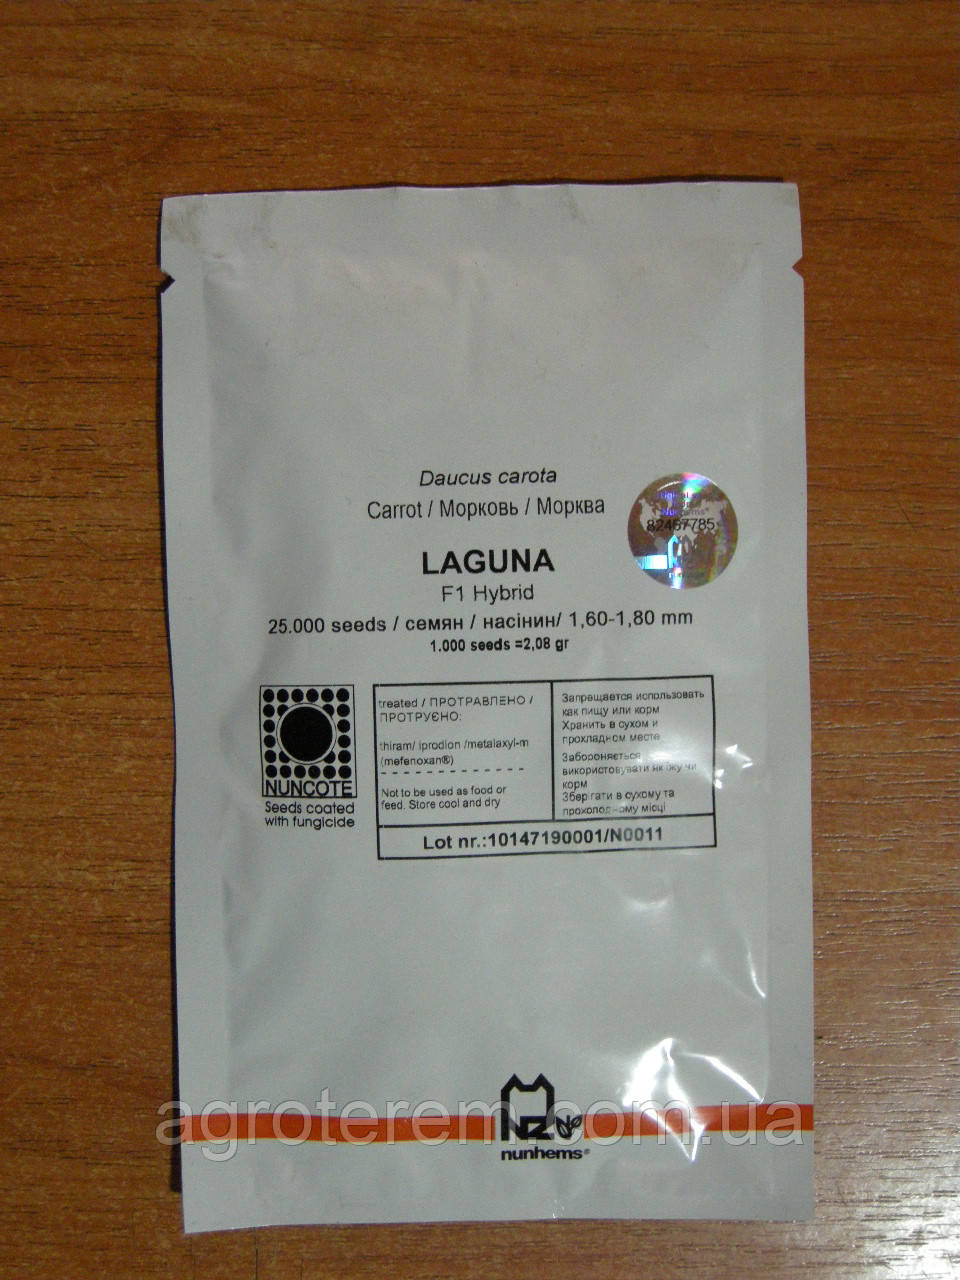 Морковь Лагуна 25000 с (1,6) - Agroterem в Одессе